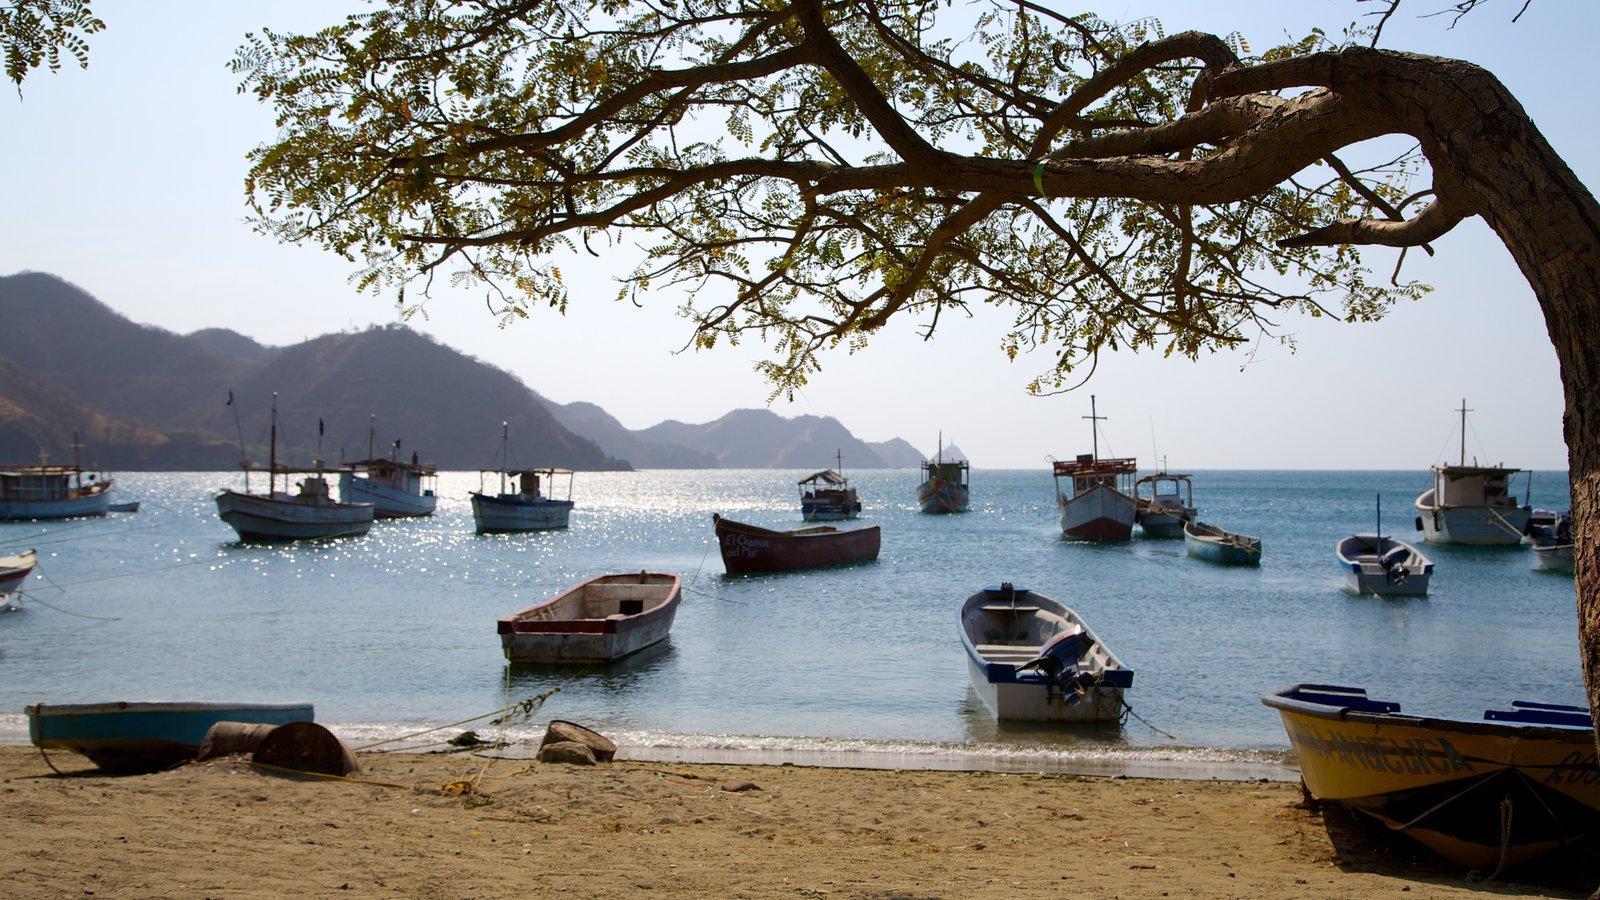 Praia Taganga que inclui canoagem, uma praia e uma baía ou porto